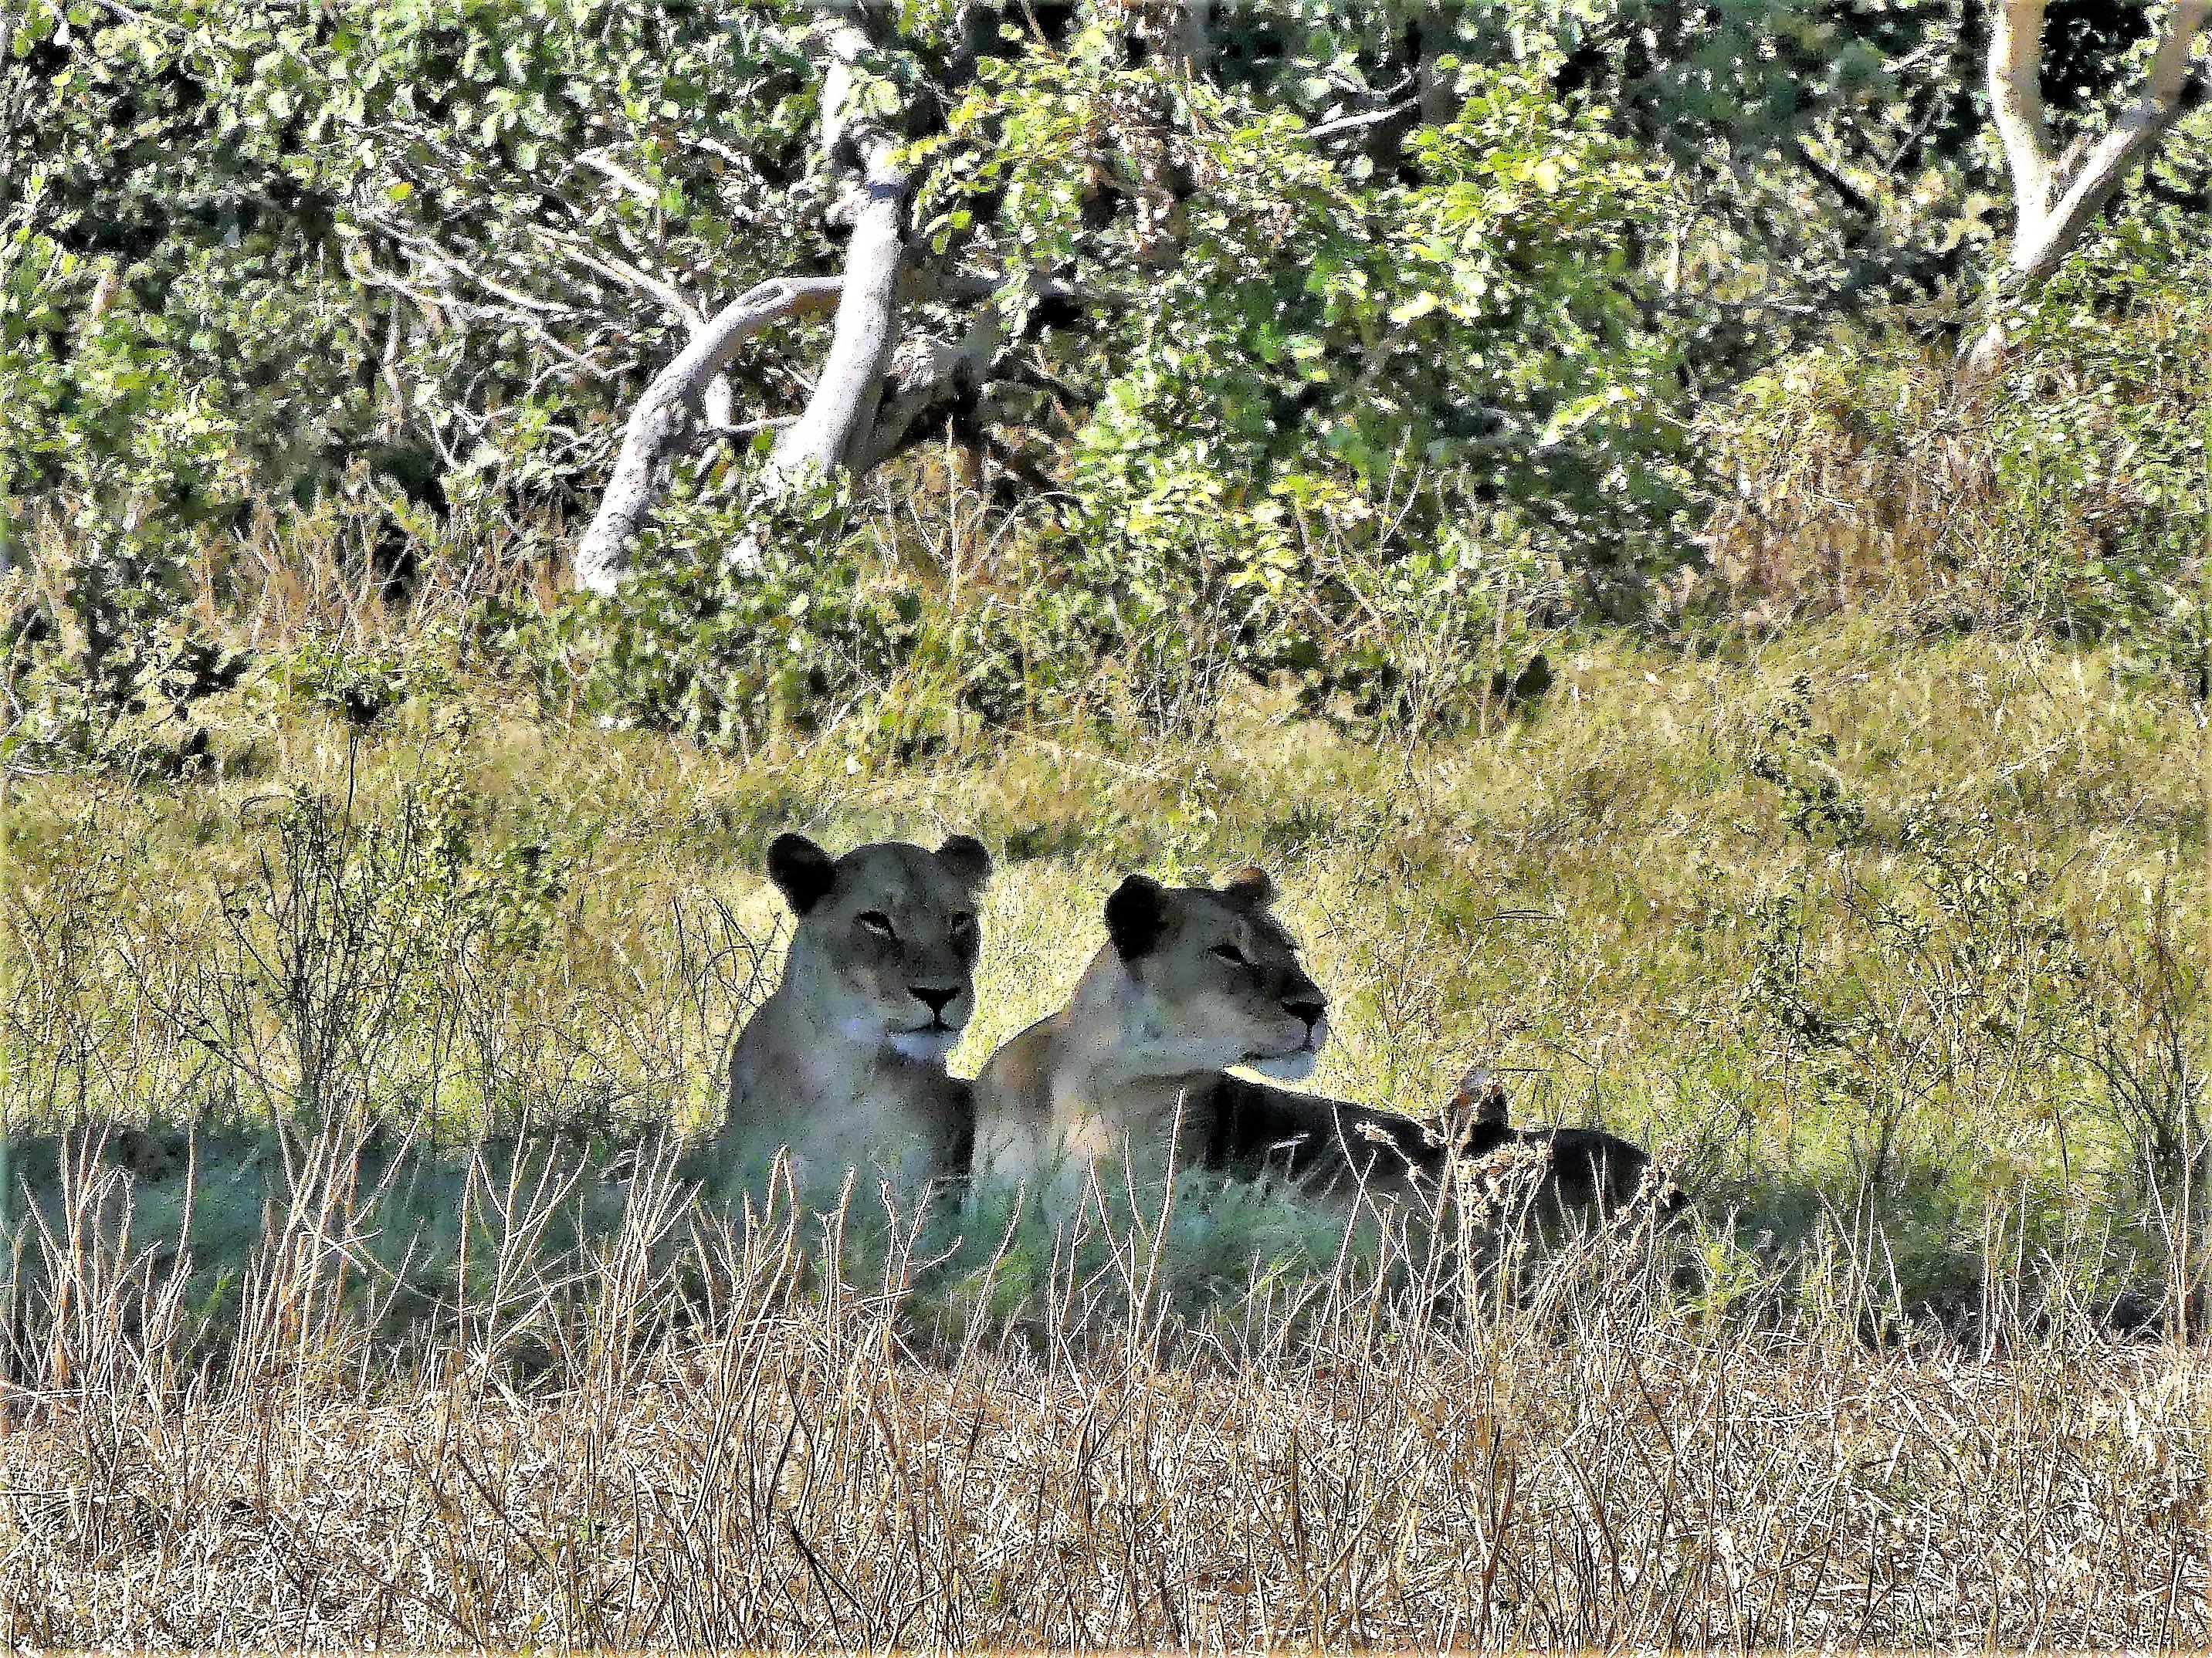 2 female lions